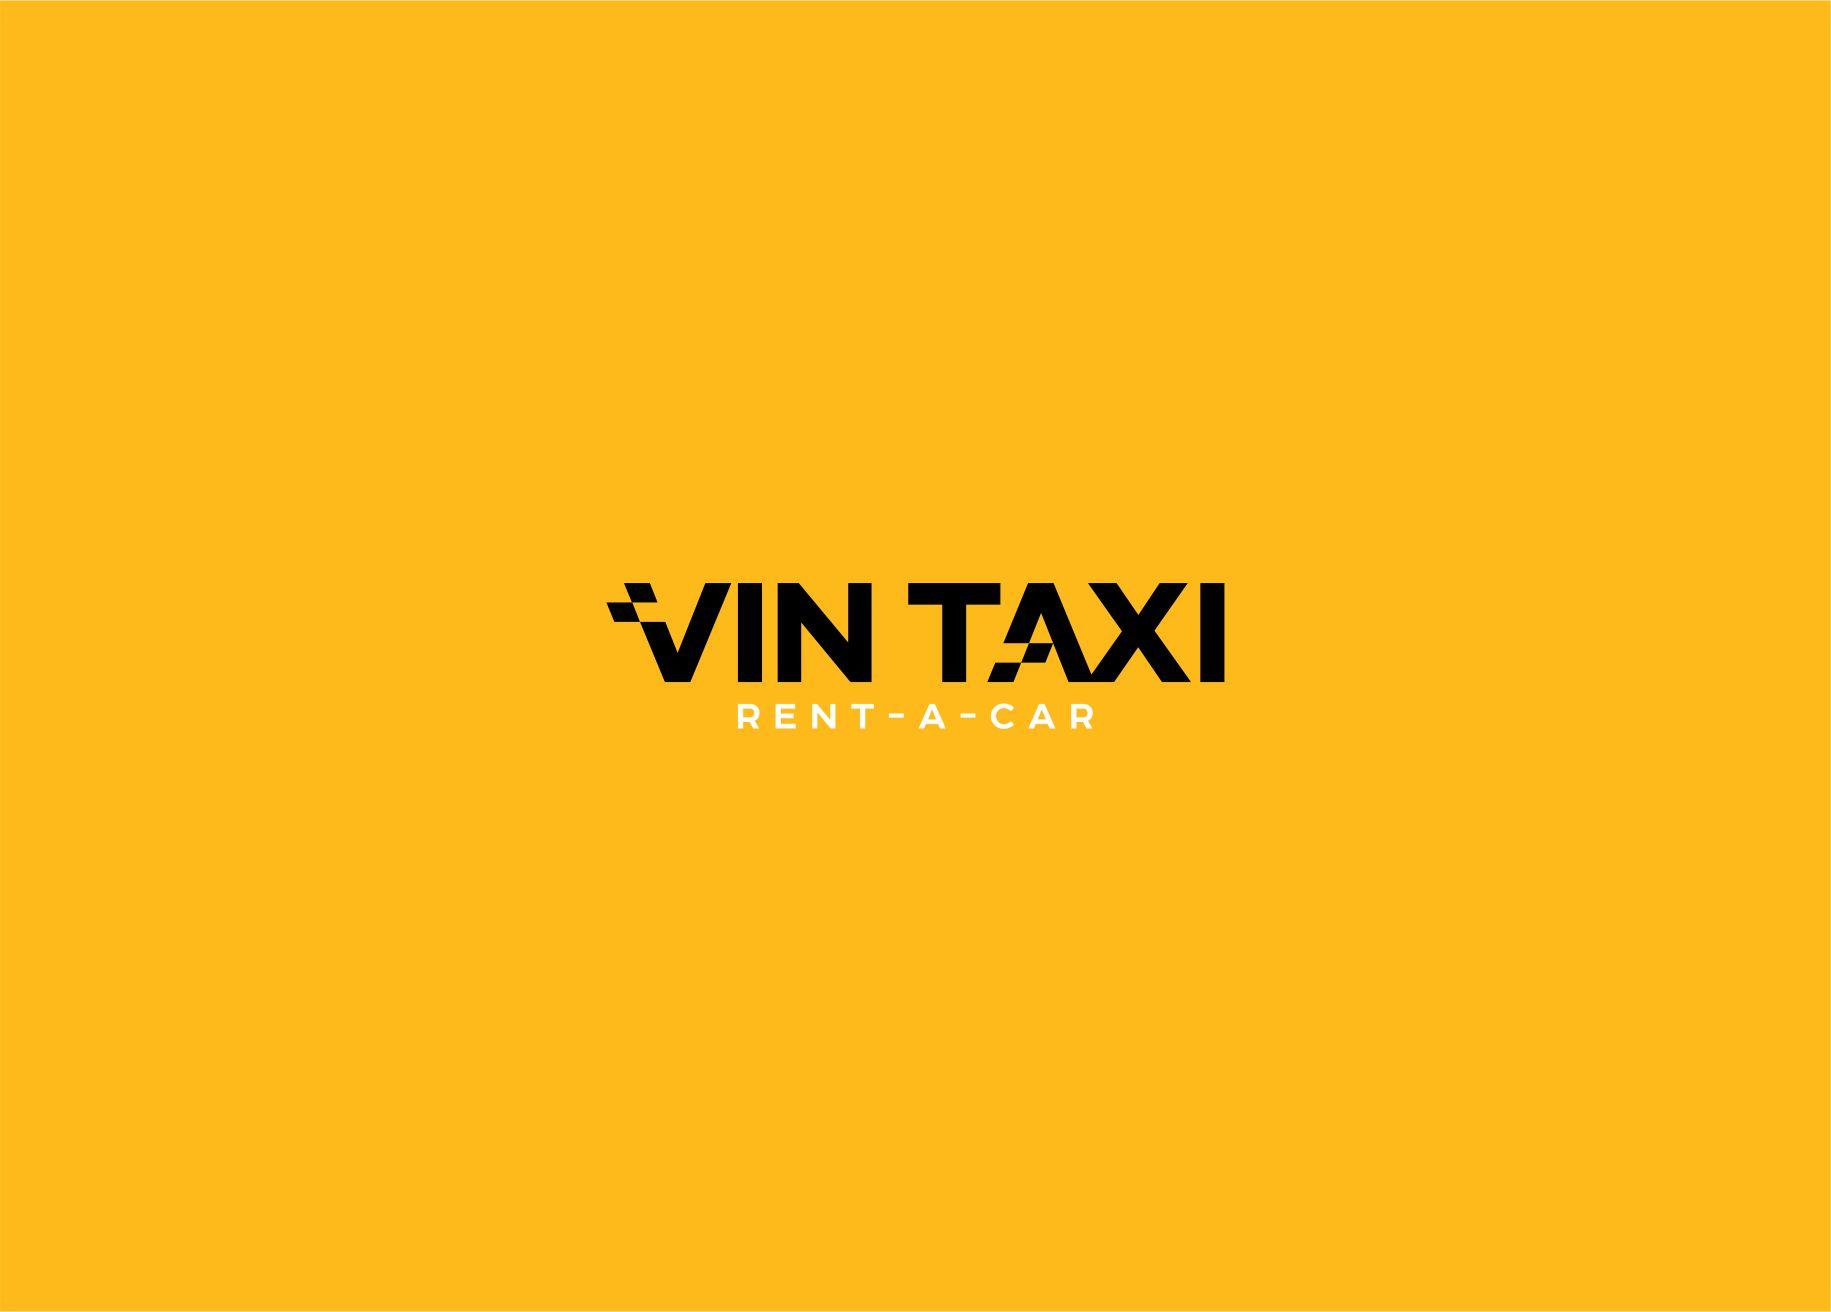 Разработка логотипа и фирменного стиля для такси фото f_3795b91ae7ae53d0.jpg